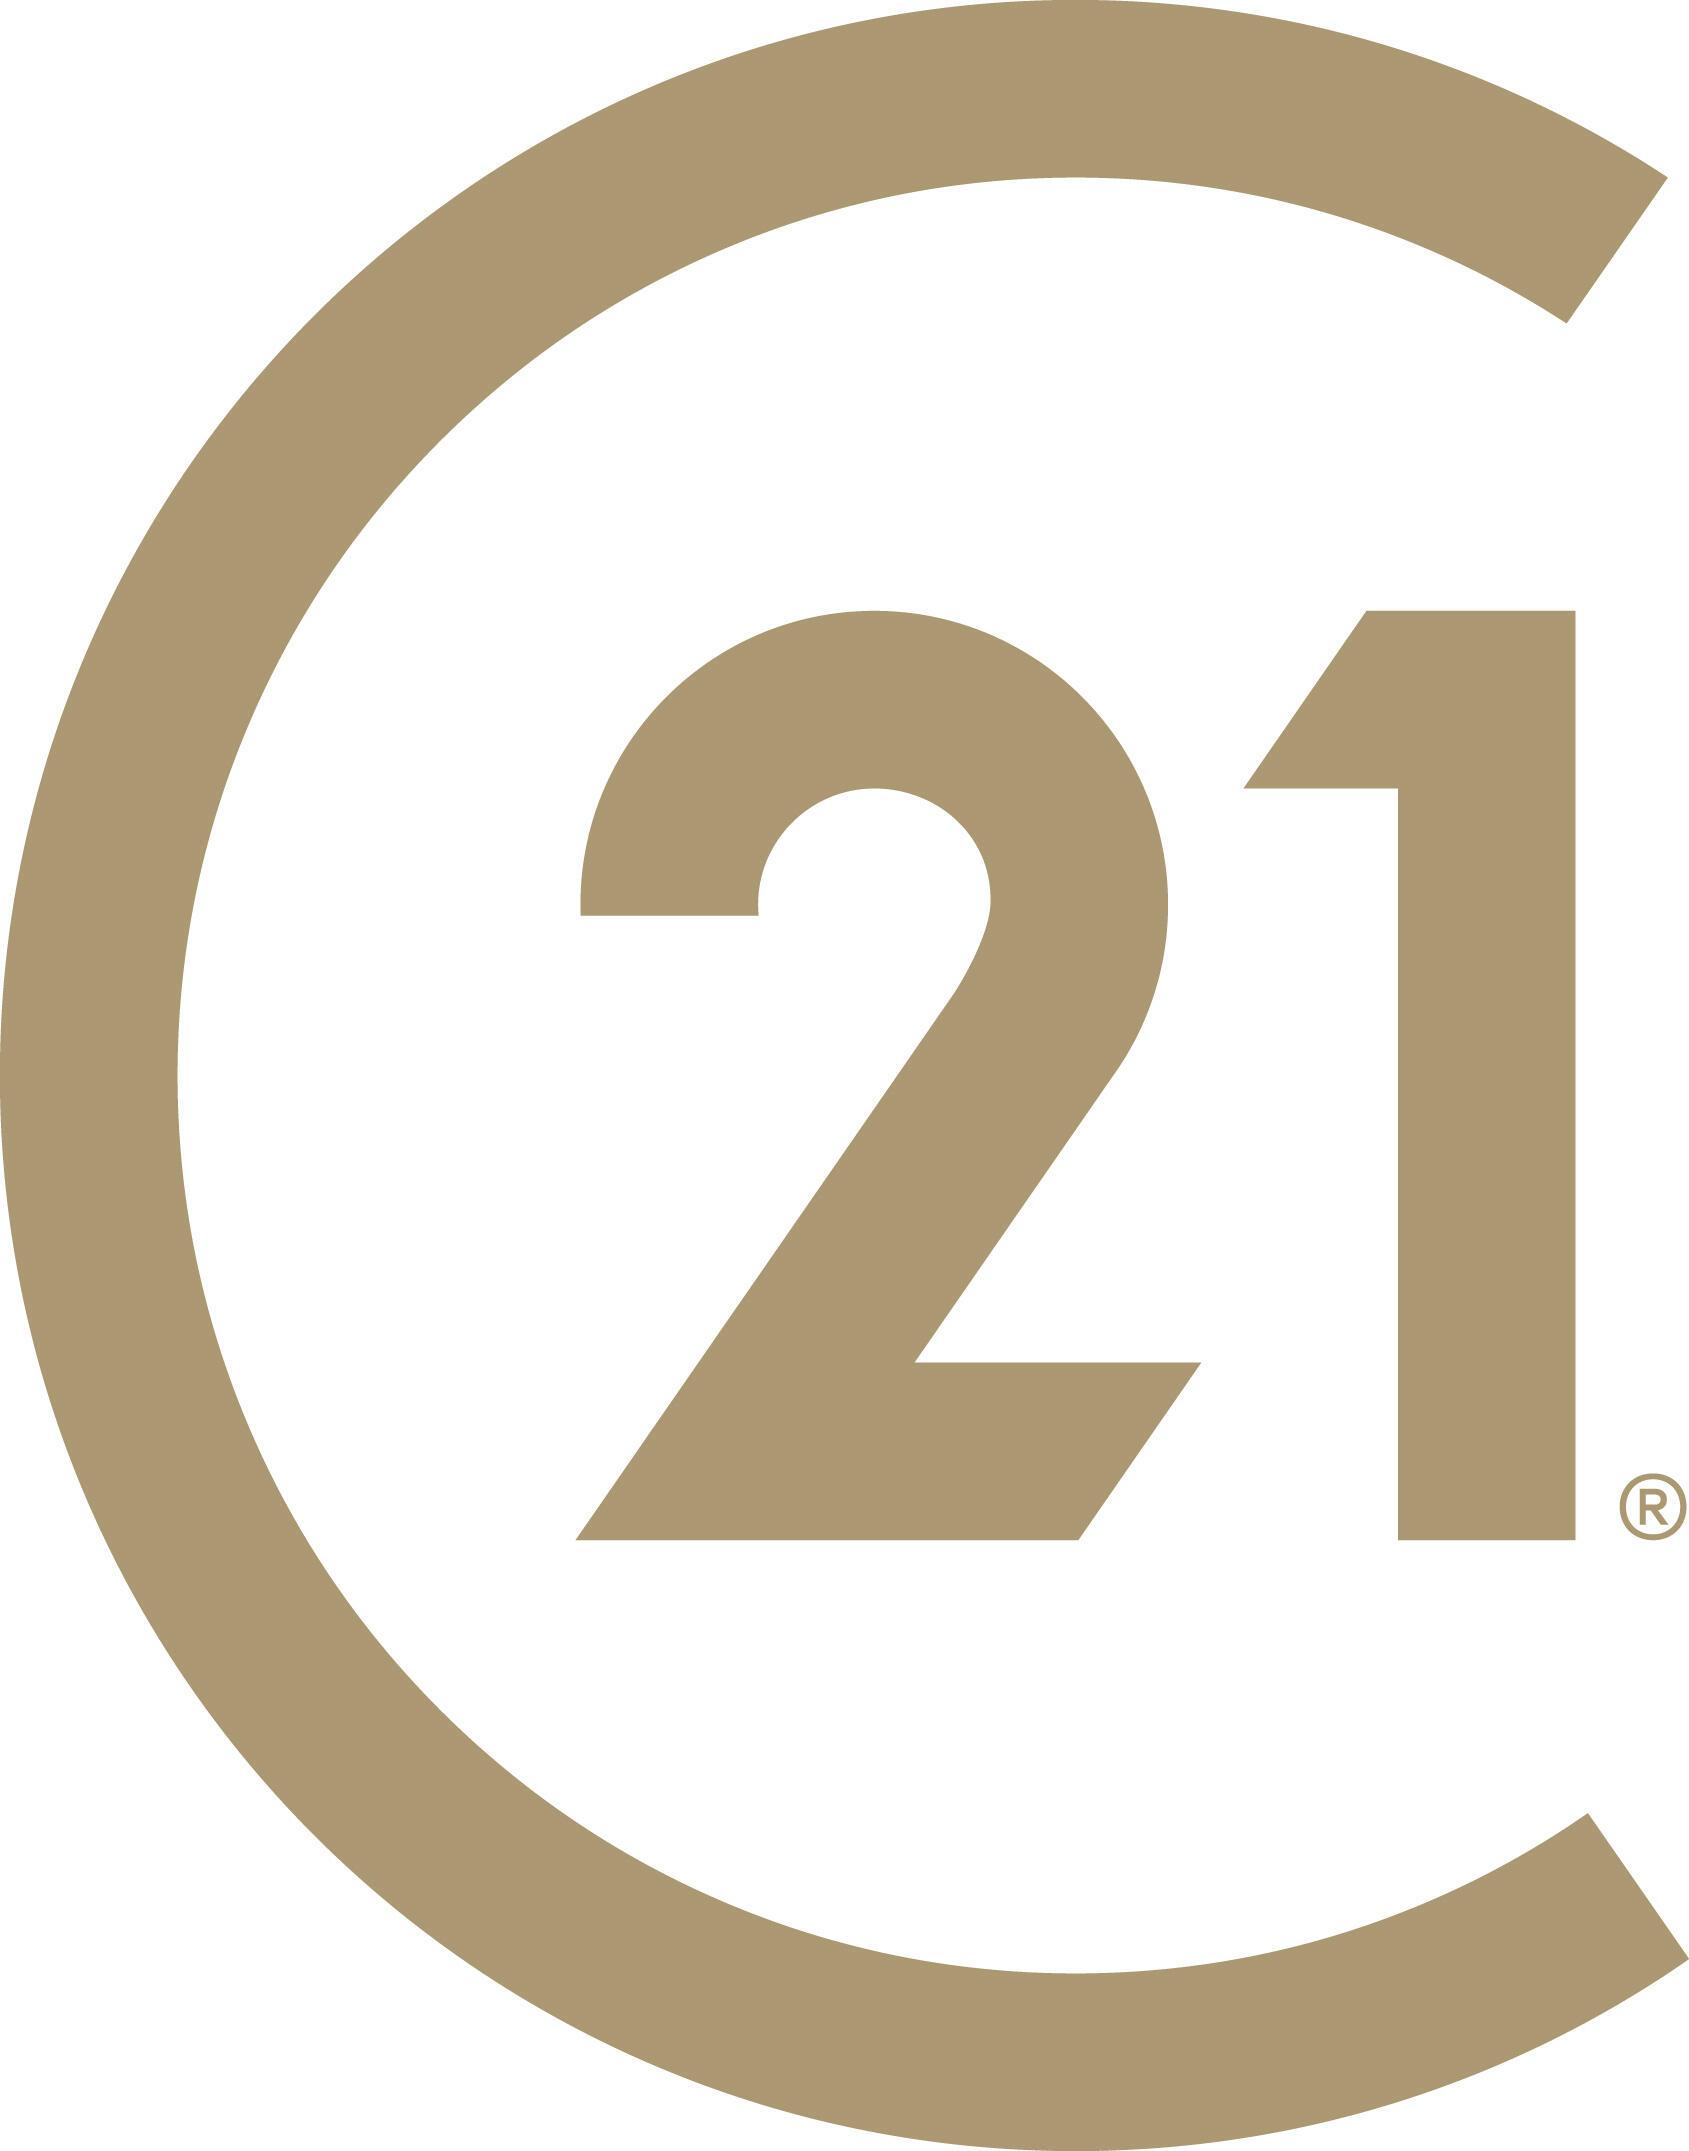 CENTURY 21 - Agence Immobilière Saint-Lô | OuestFrance-Immo